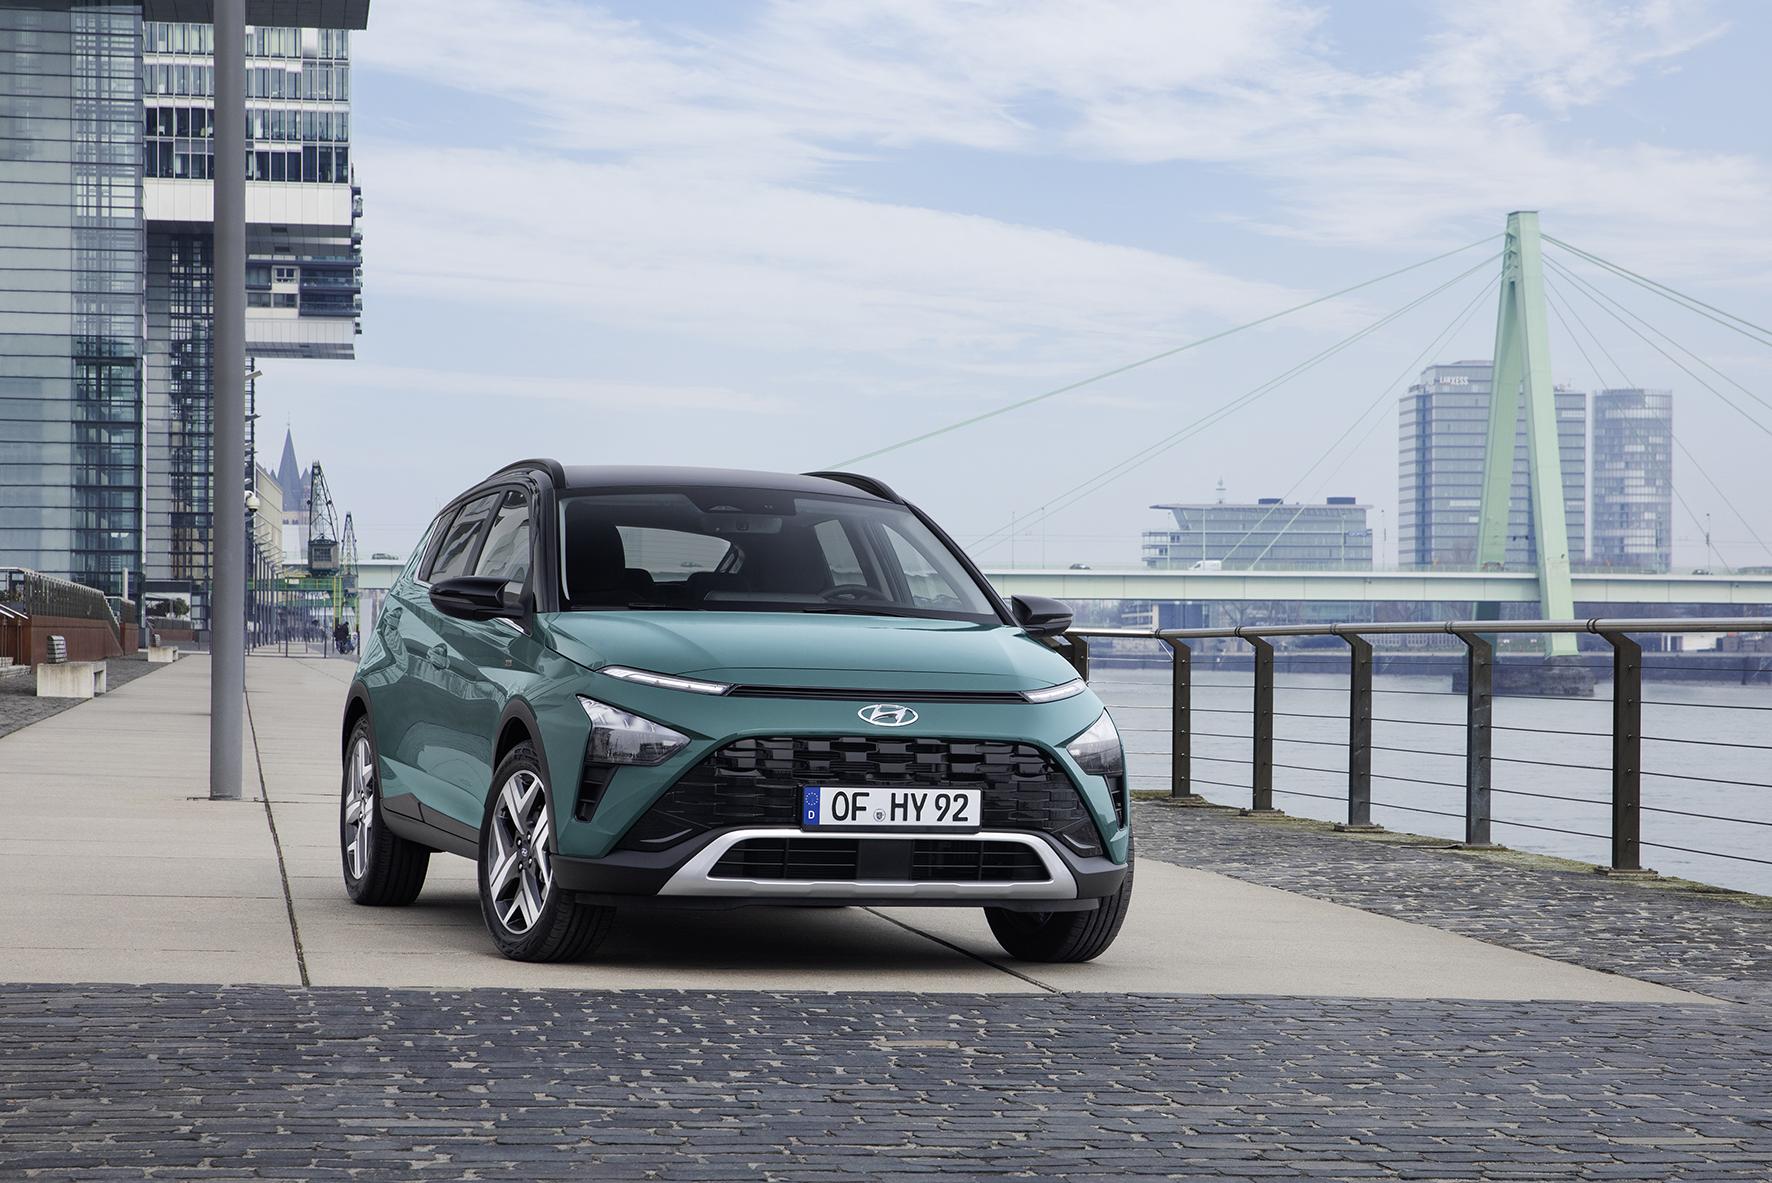 Η Hyundai παρουσιάζει το νέο Bayon, ένα κομψό, στυλάτο SUV!